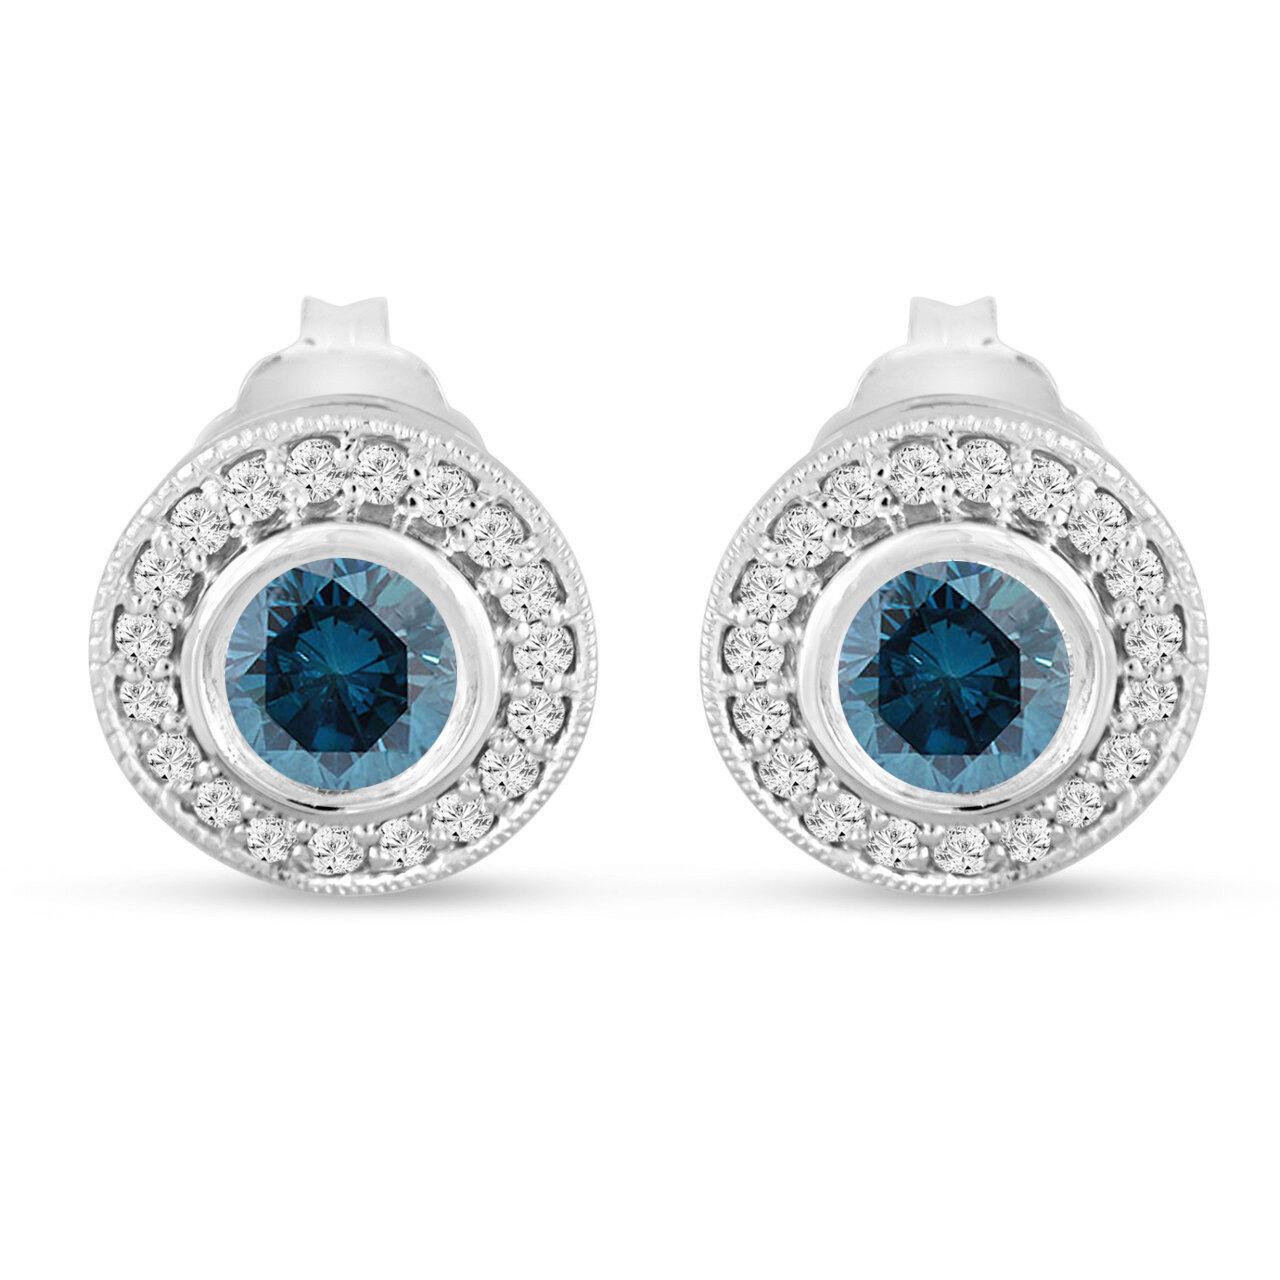 Platinum Enhanced bluee Diamond Stud Earrings Halo 0.84 Carat Bezel & Micro Pave